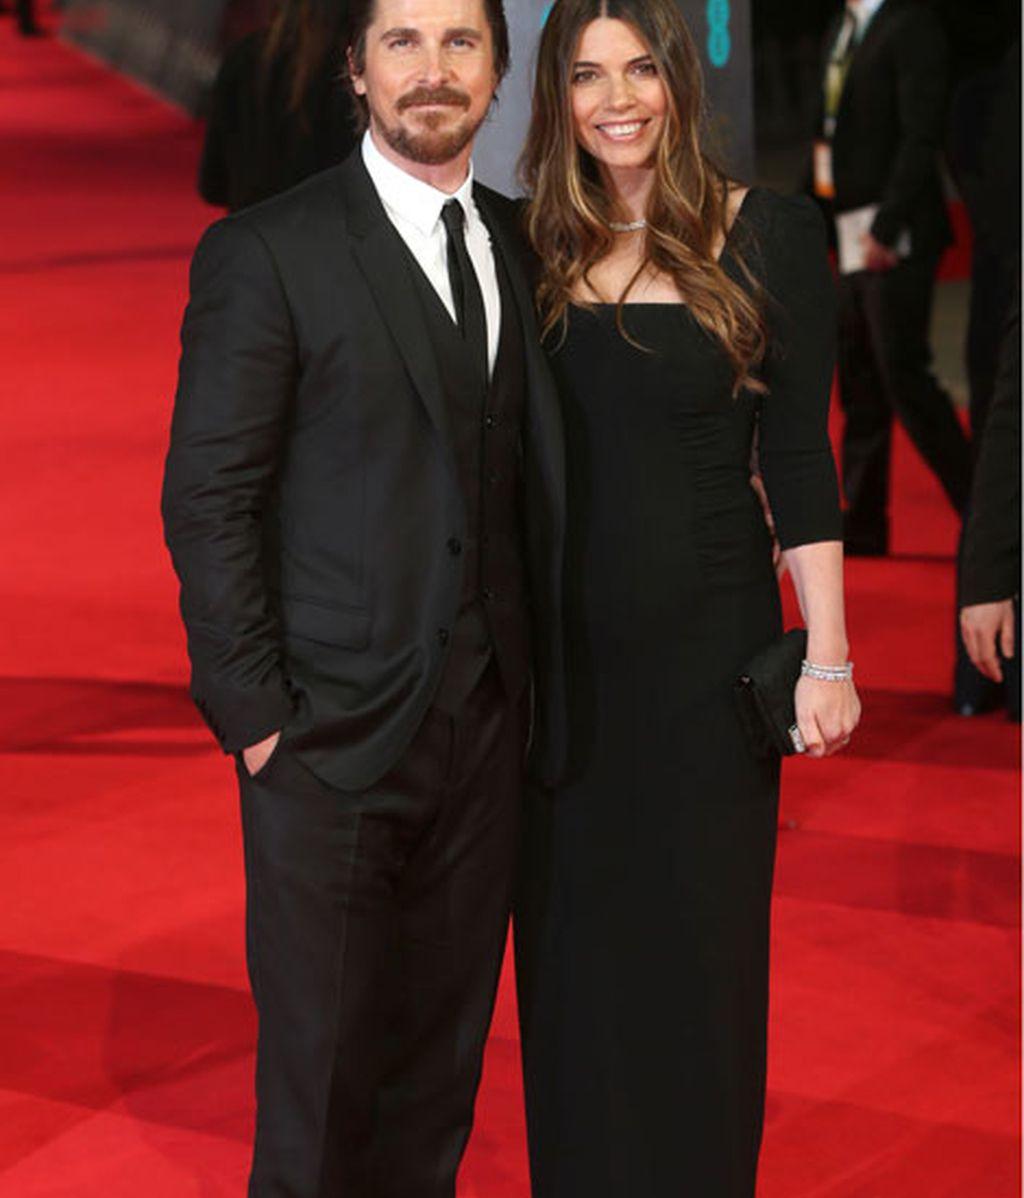 El actor Christian Bale y su esposa Sibi Blazi